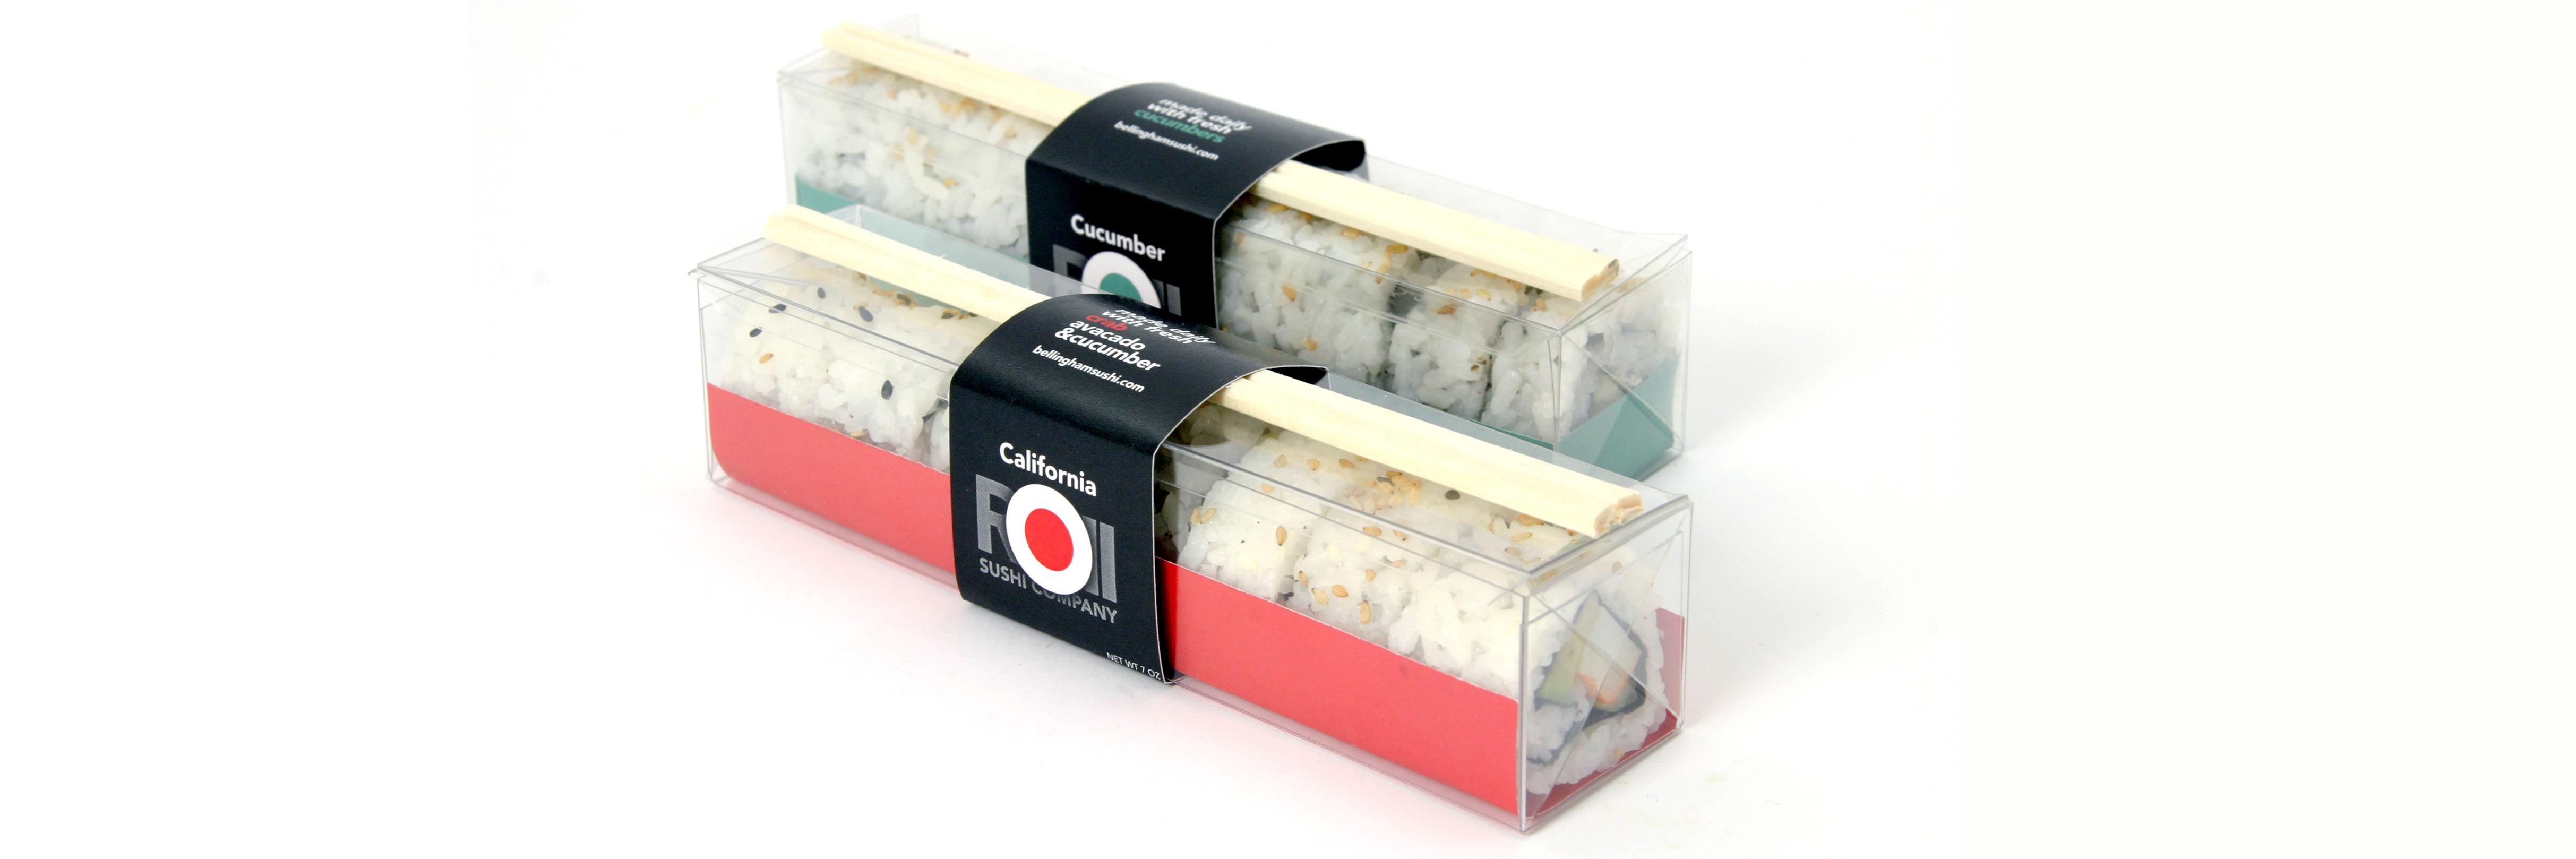 Выбираем упаковку и тару для пищевой продукции